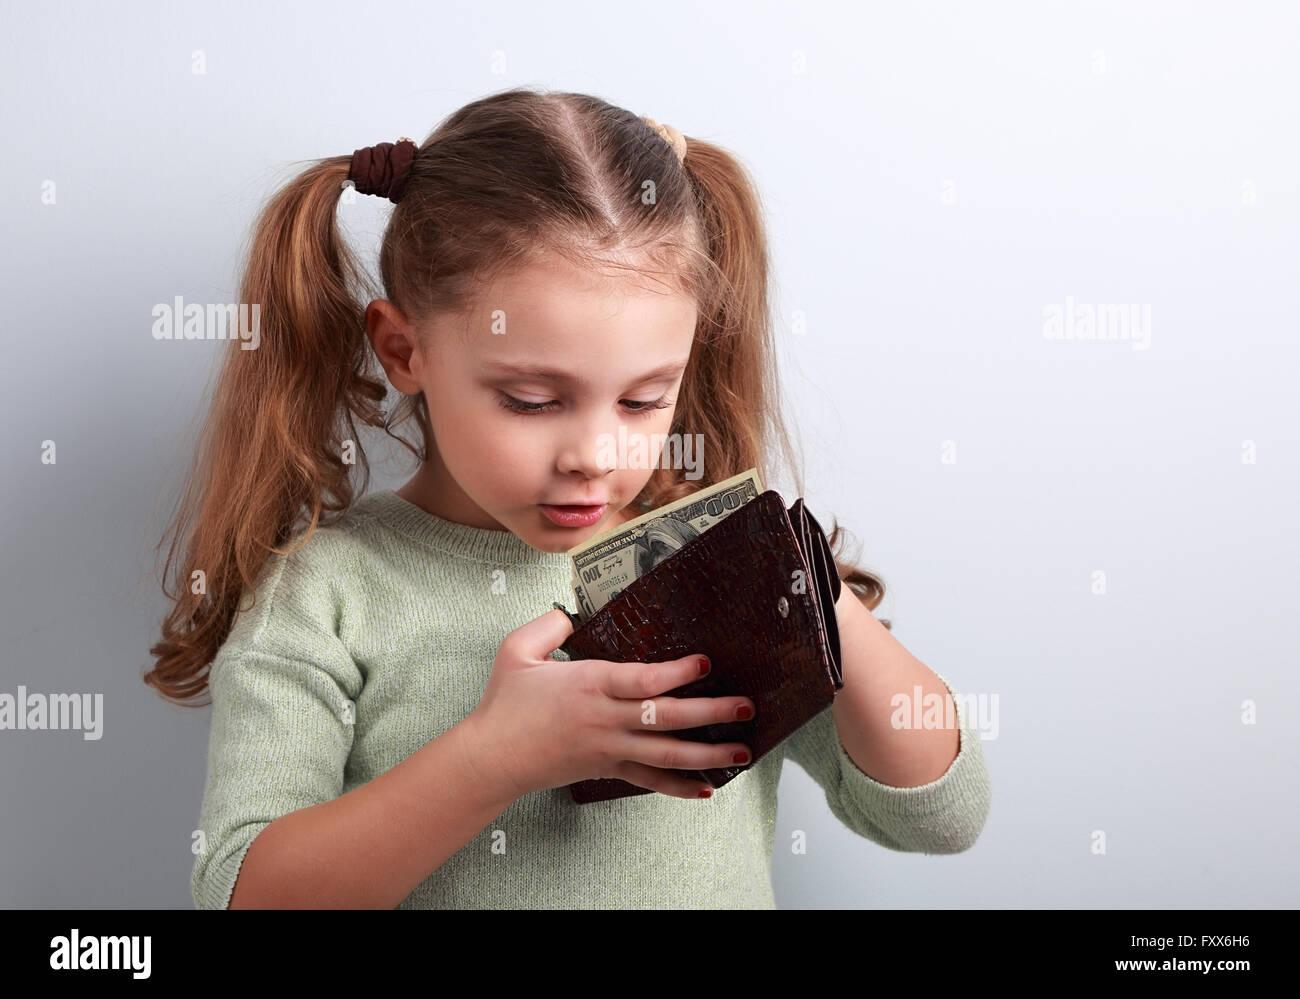 Lindo sorprendente pequeño chico busca chica En madre monedero y quiere tomar dinero con copia espacio vacío Imagen De Stock